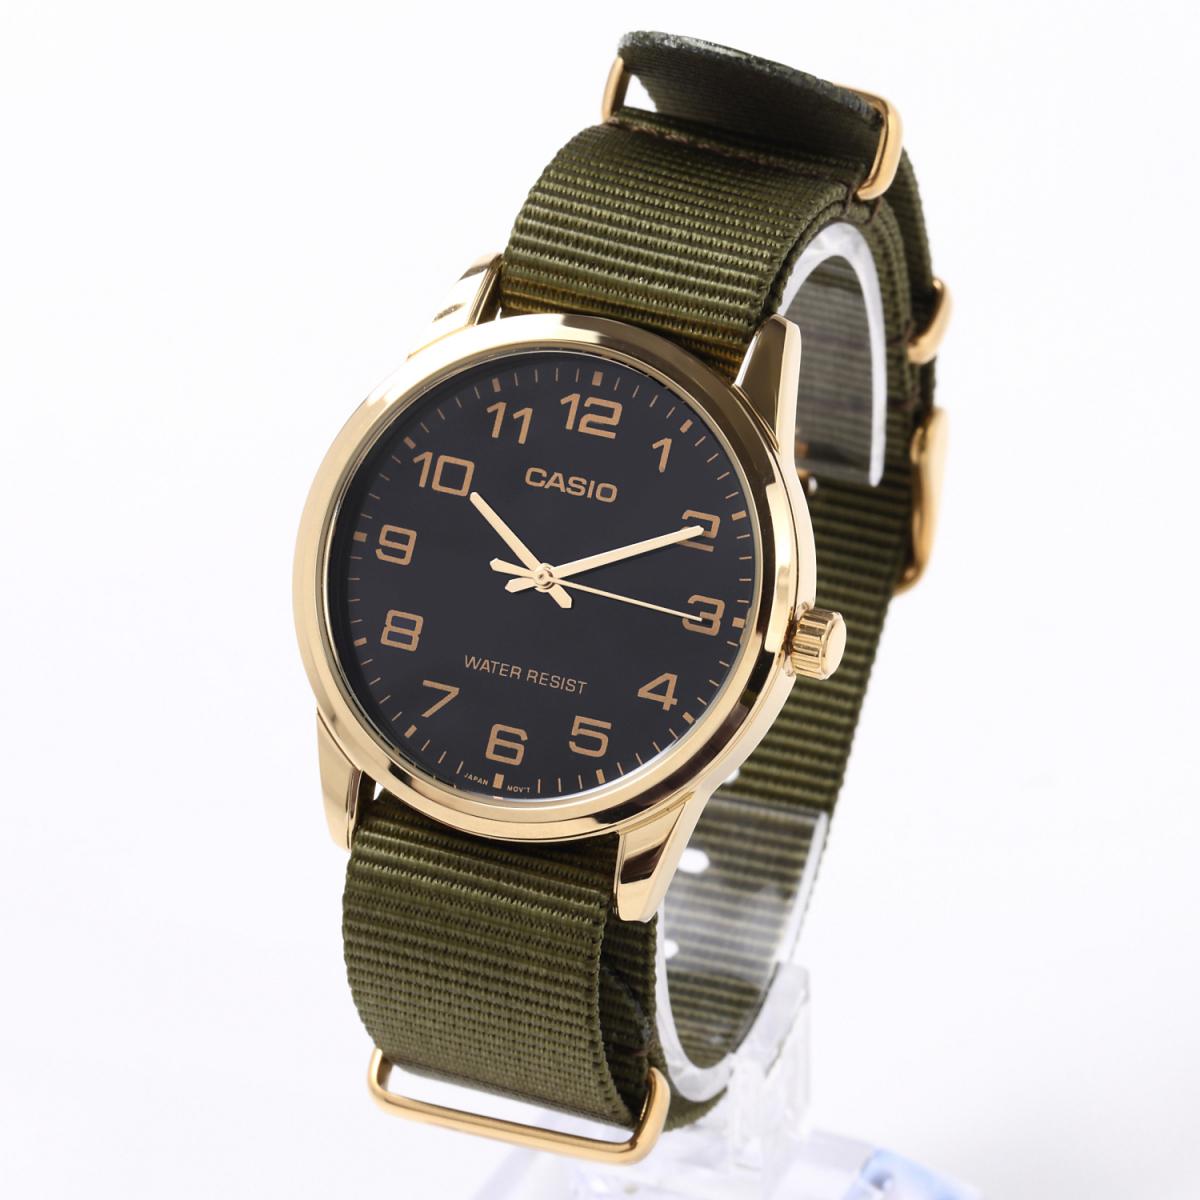 時計ベルト NATO ゴールドバックル ショートサイズ カーキグリーン 20mm 取付けマニュアル _画像2